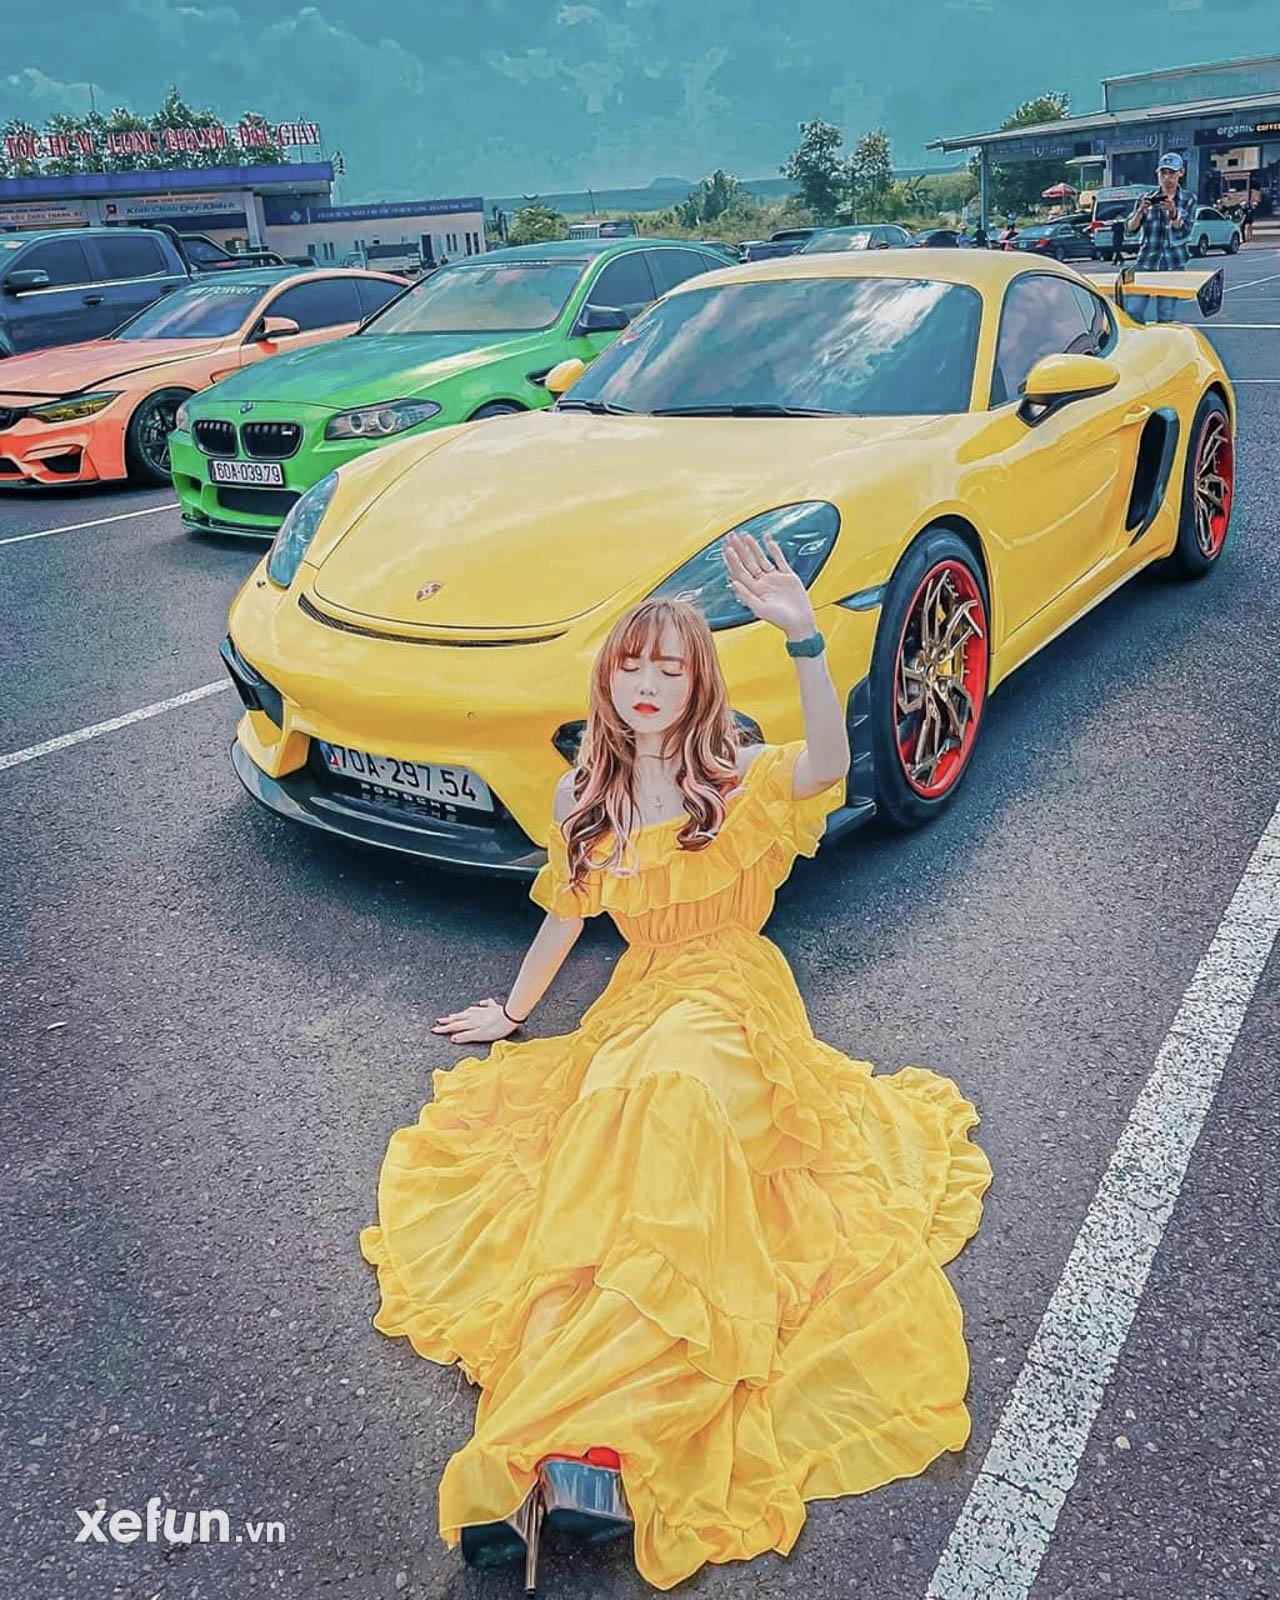 Summer Trip Mãn nhãn với dàn siêu xe tiền tỷ tại buổi offline của Hội Yêu Xe Đức Xefun - 254655